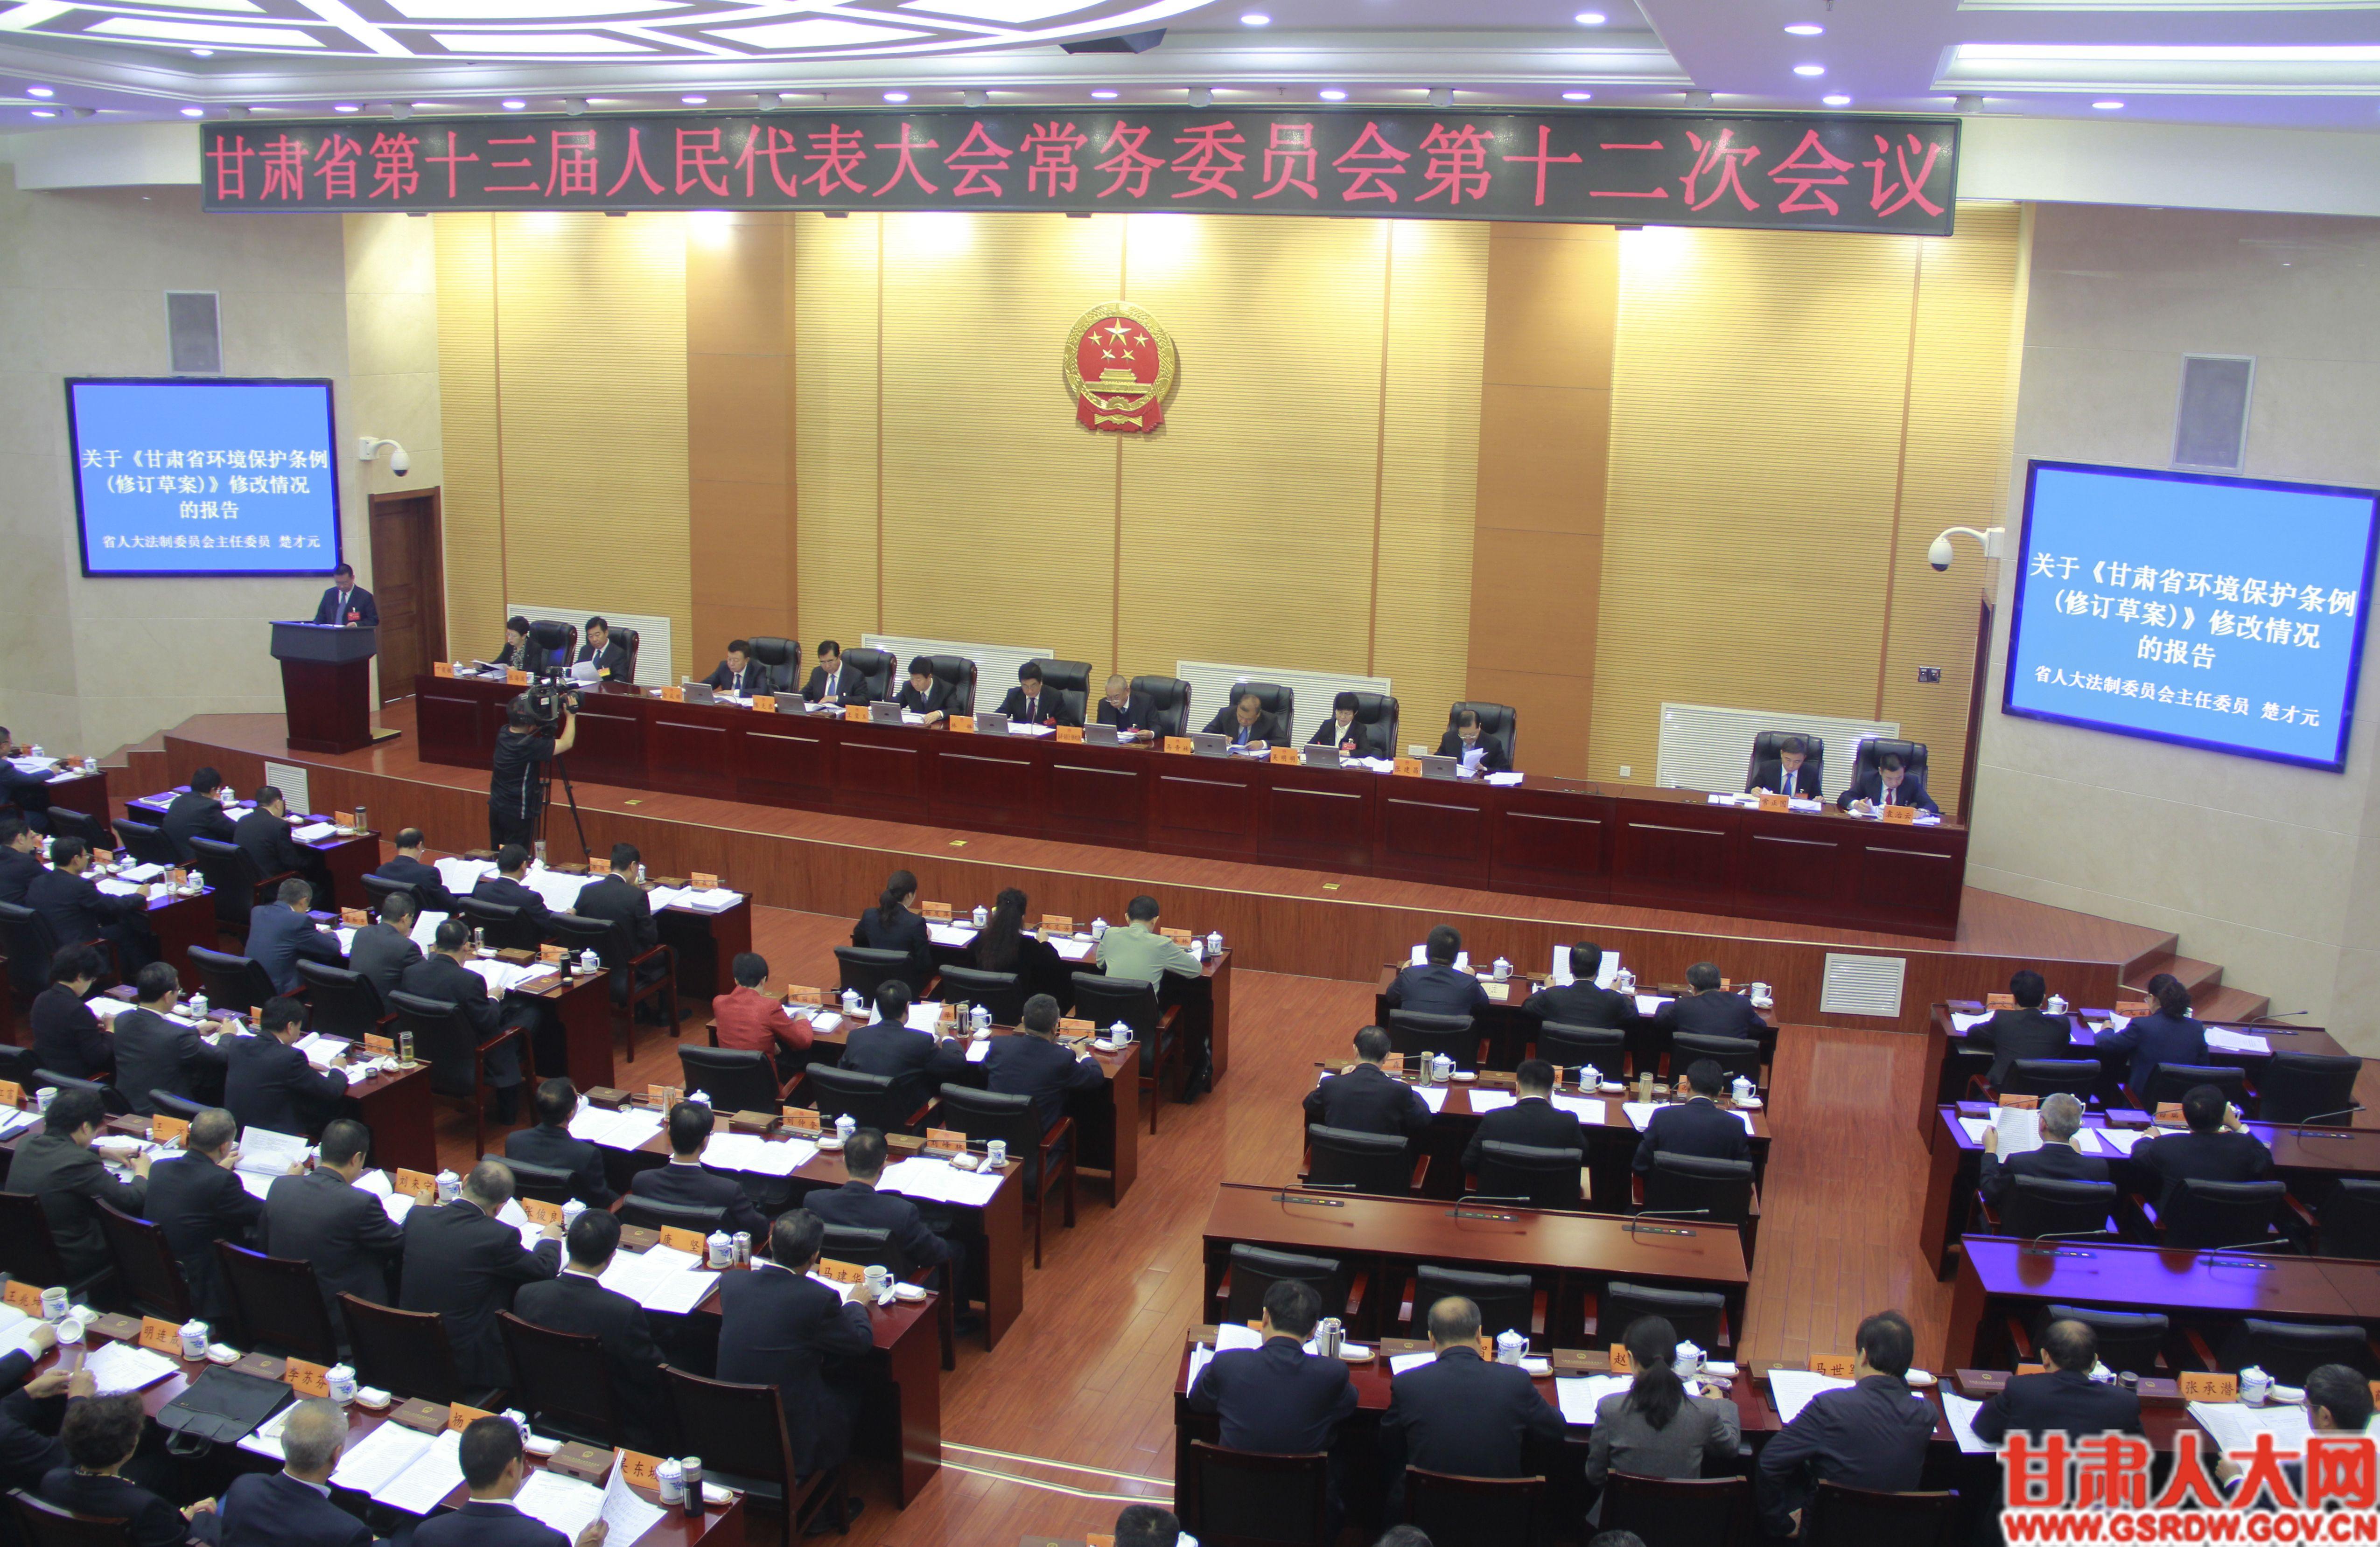 9月23日上午,省十三届人大常委会第十二次会议召开